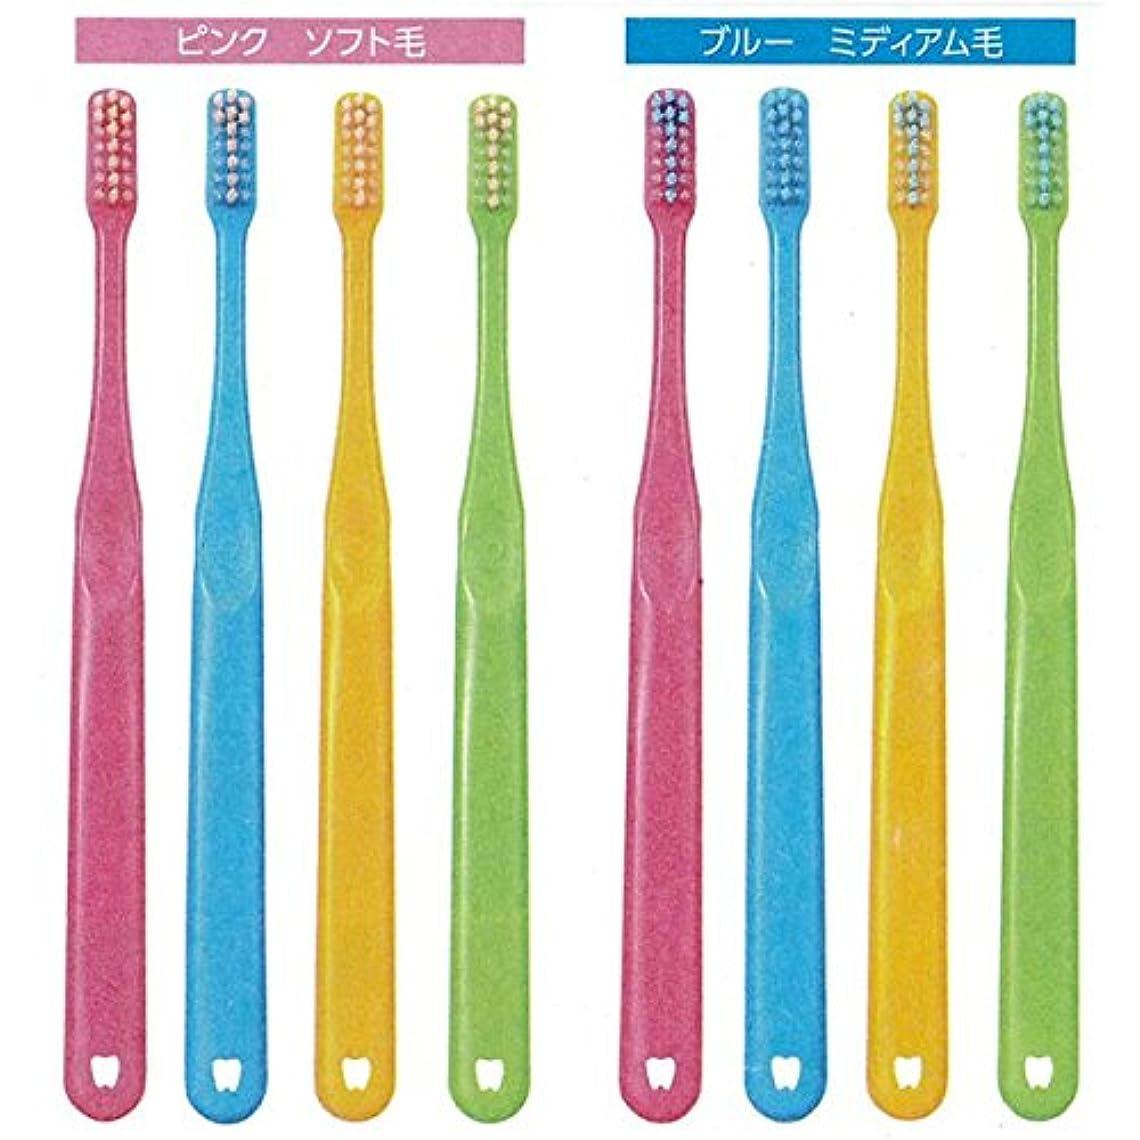 ミネラル努力小川ci PROPLUS +プロプラス 大人用 一般 歯ブラシ1本 (M(ふつう))